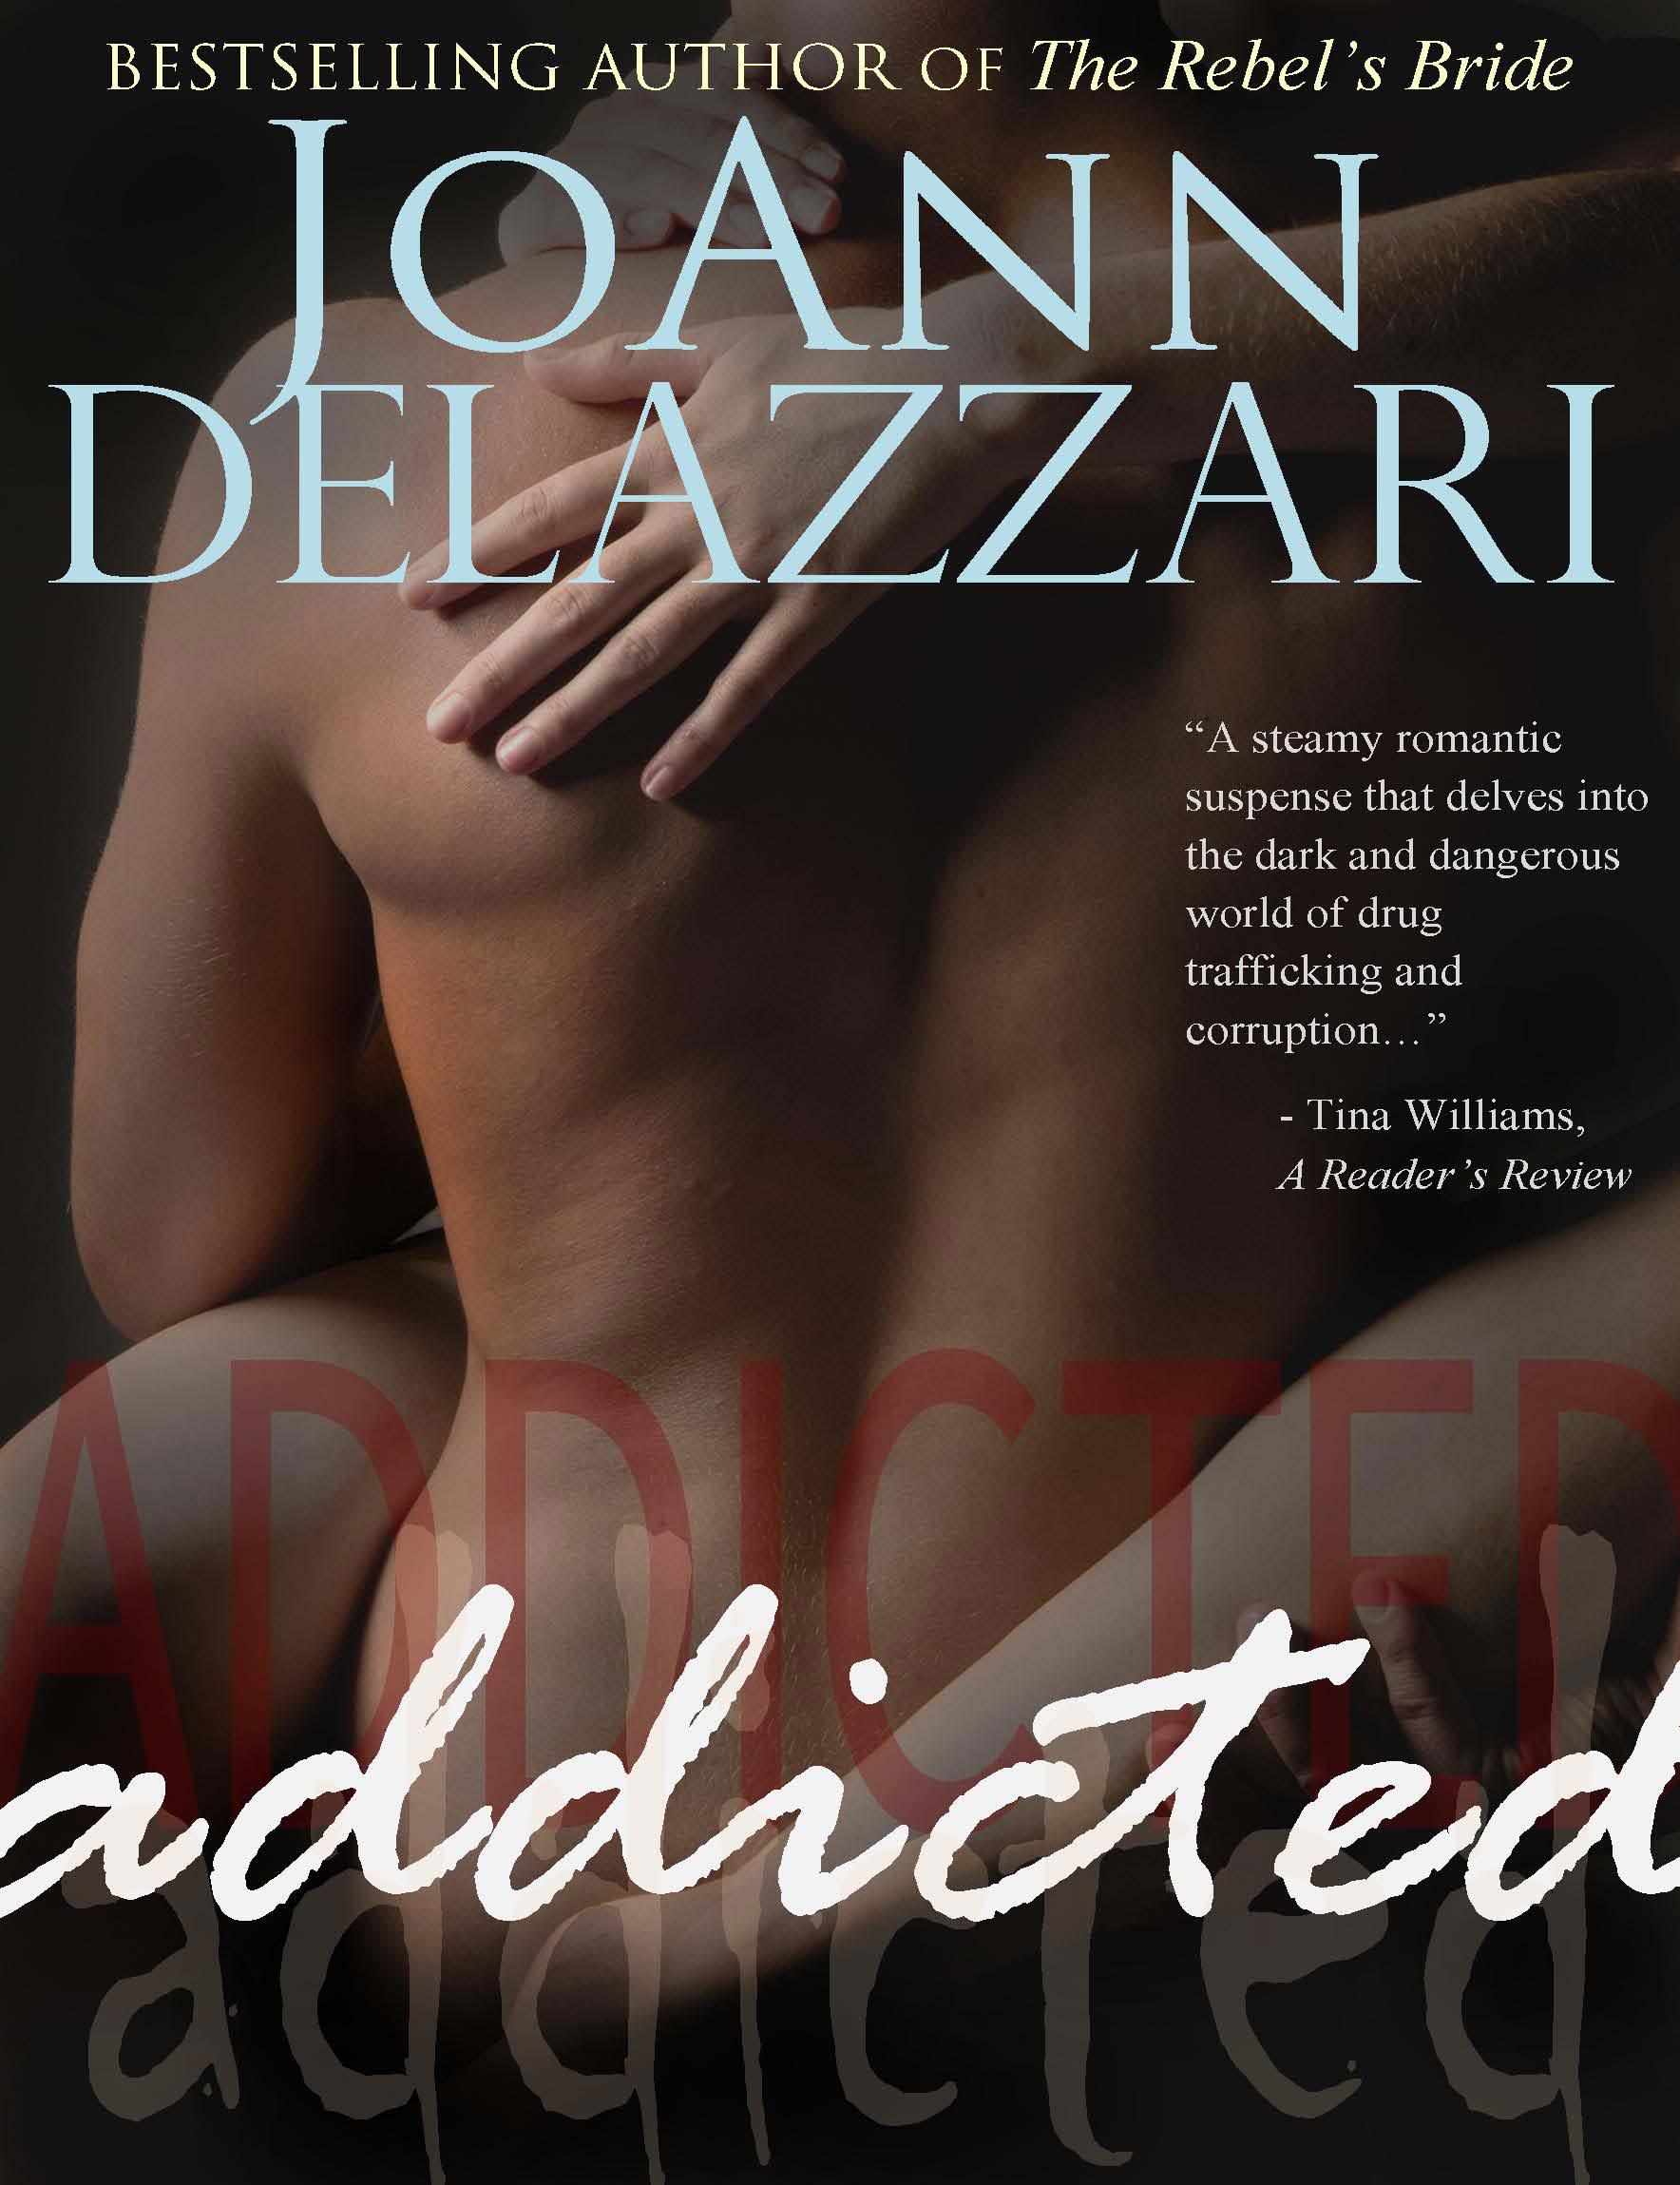 'Addicted' by JoAnn DeLazzari